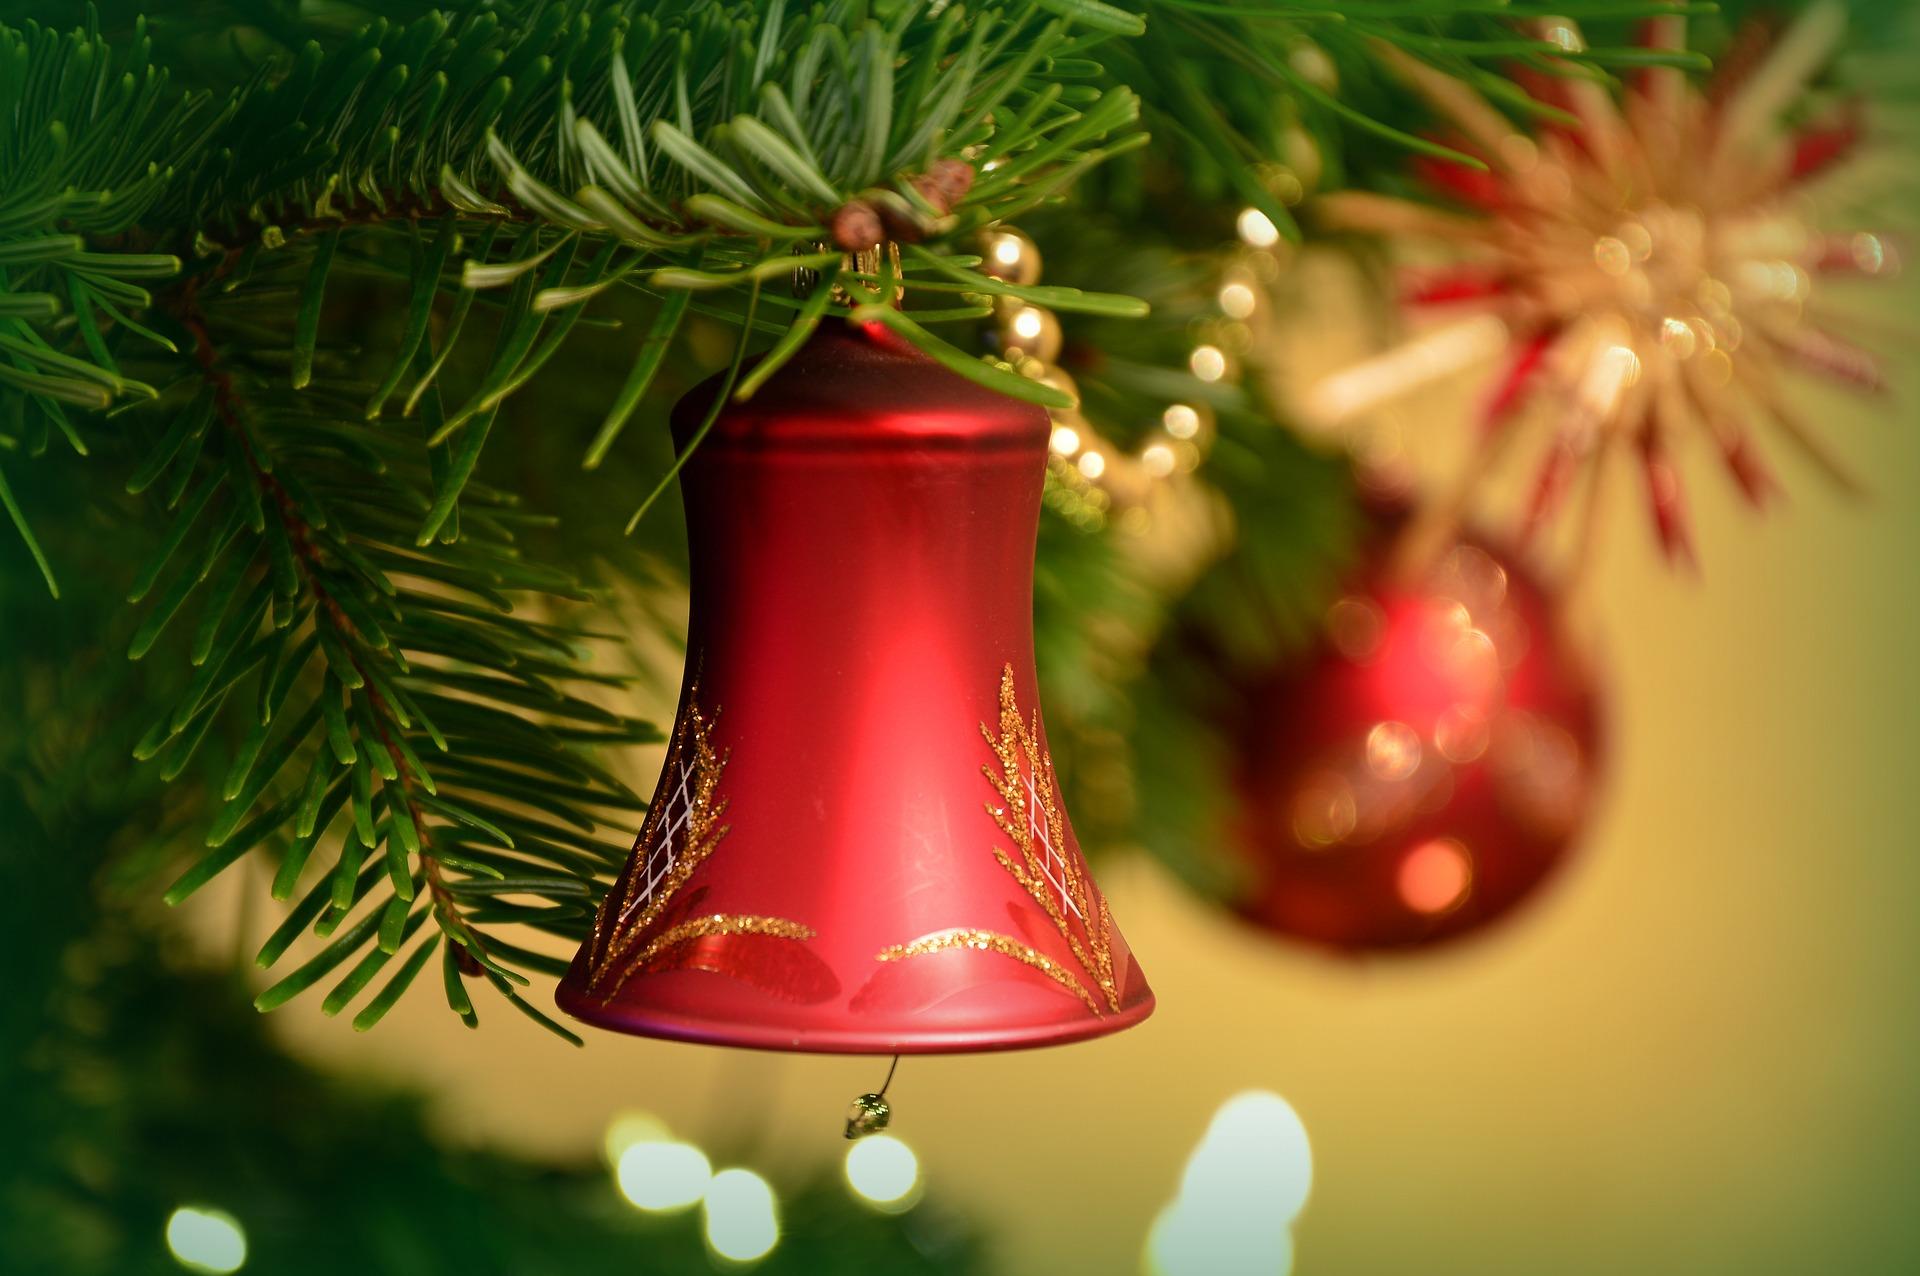 Najciekawsze pomysły nabożonarodzeniowe kreacje